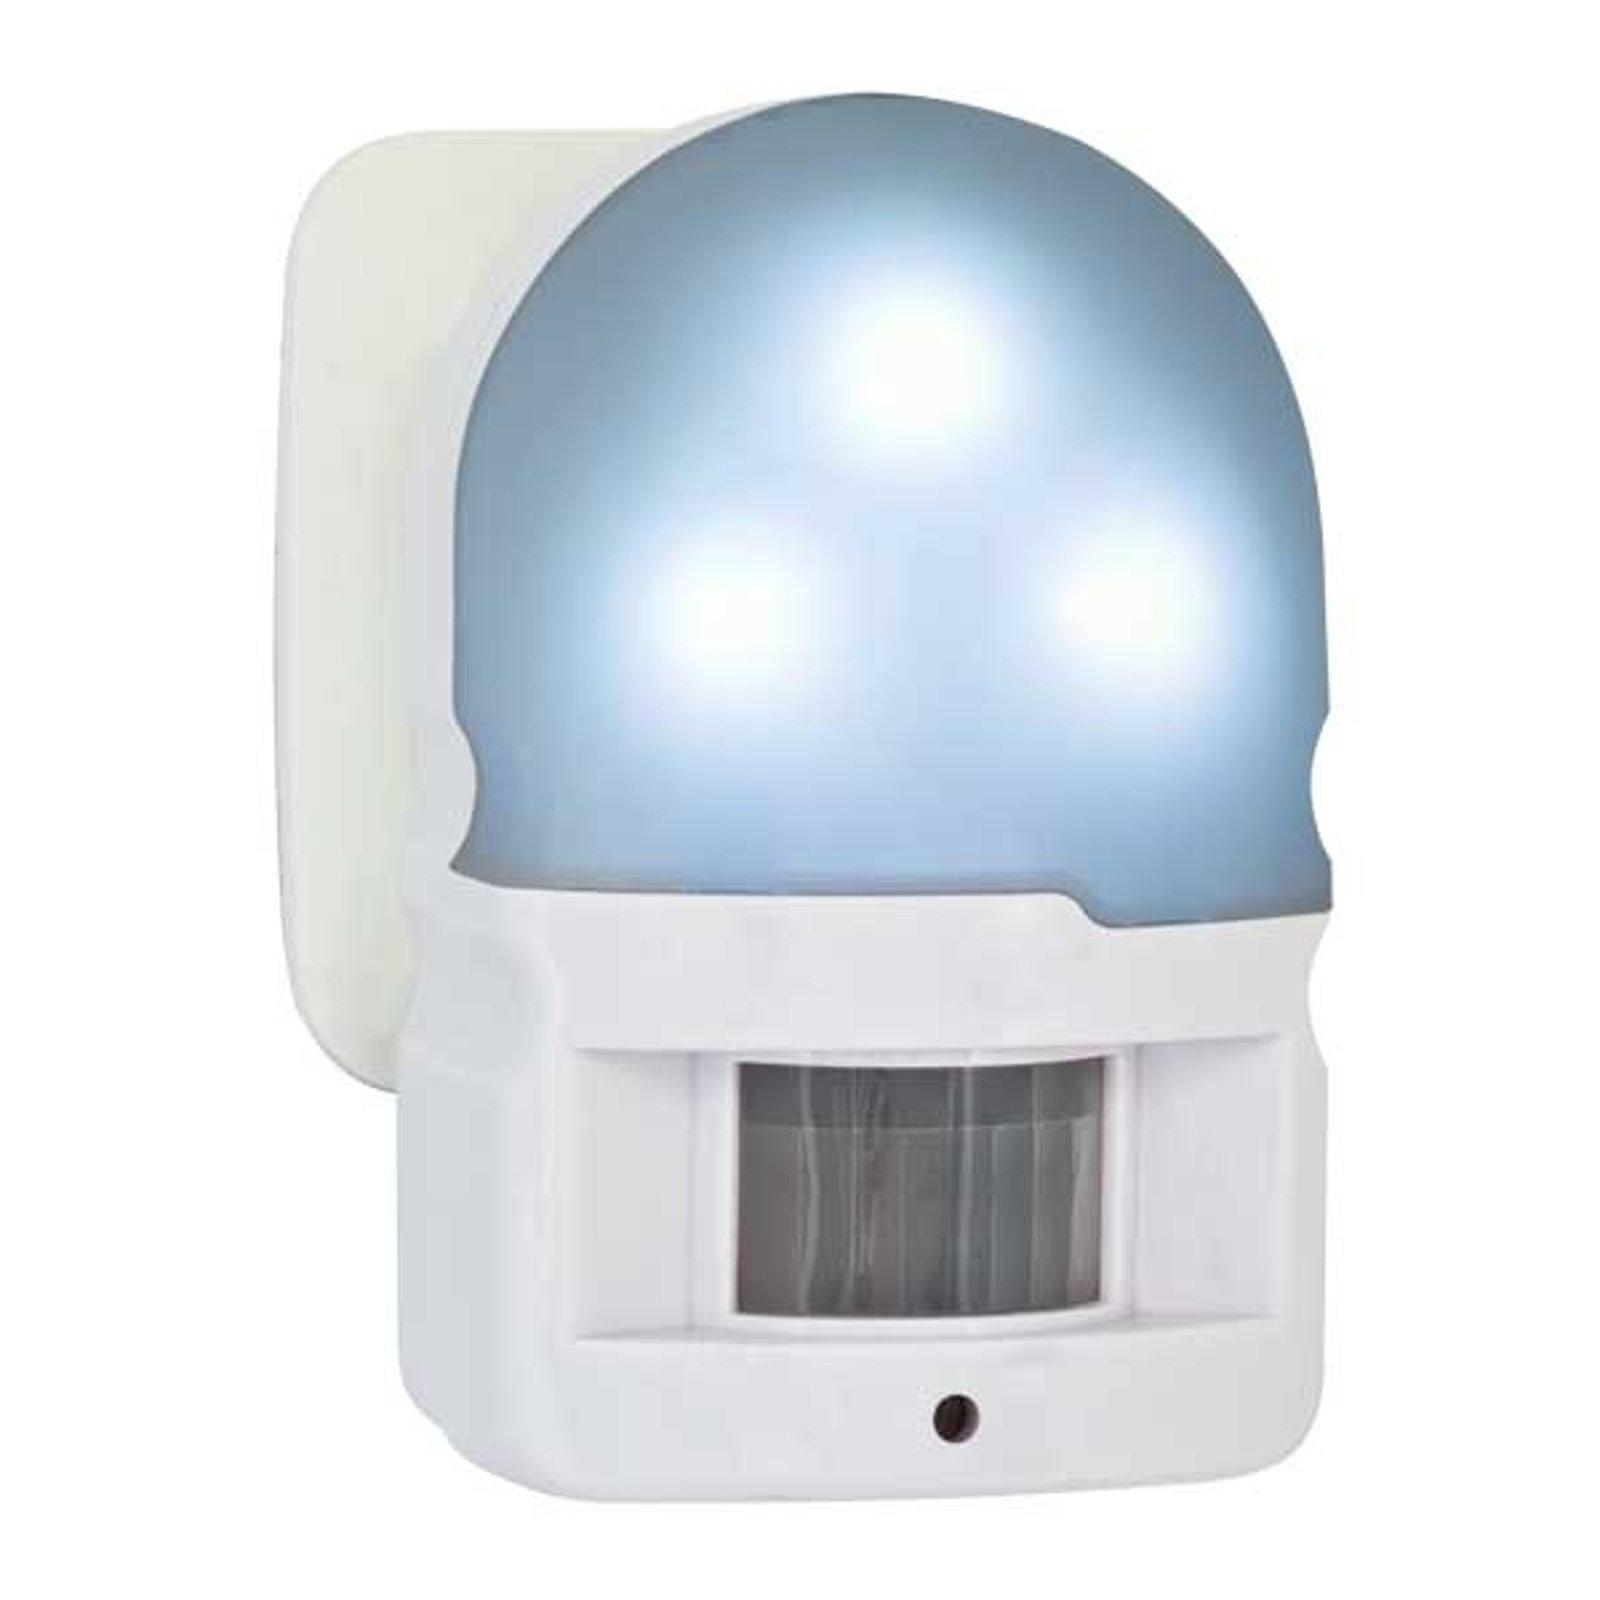 LED-nattlys VERA med bevegelsesmelder